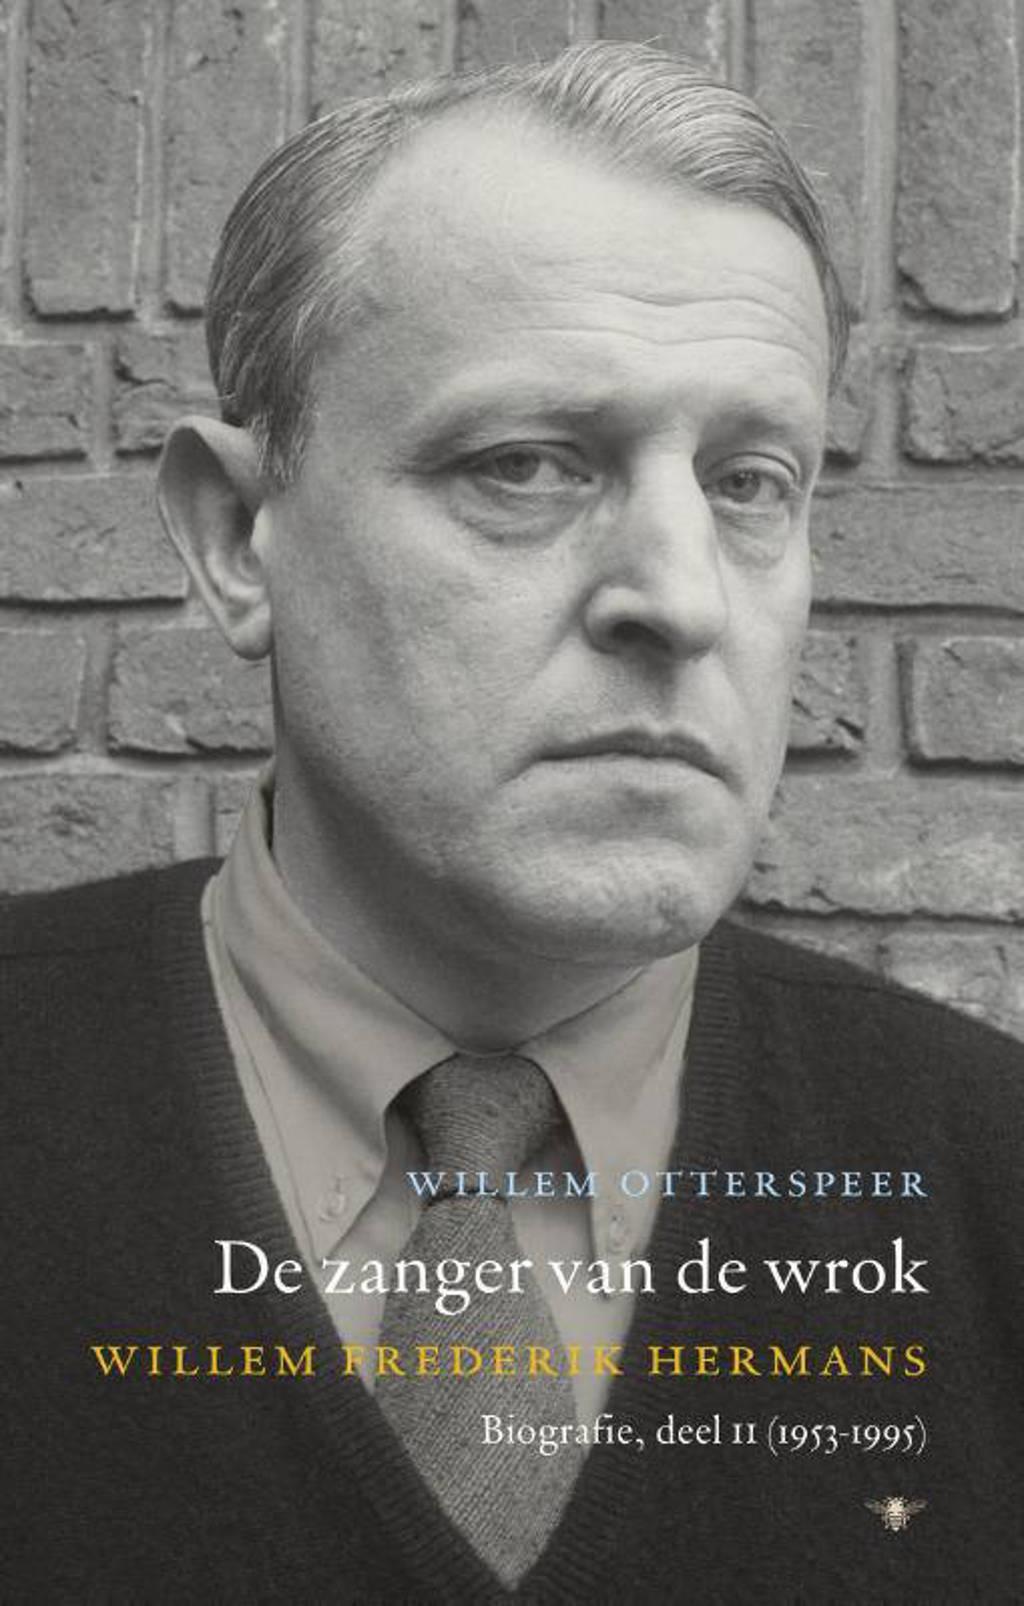 De zanger van de wrok 2 (1953-1995) - Willem Otterspeer